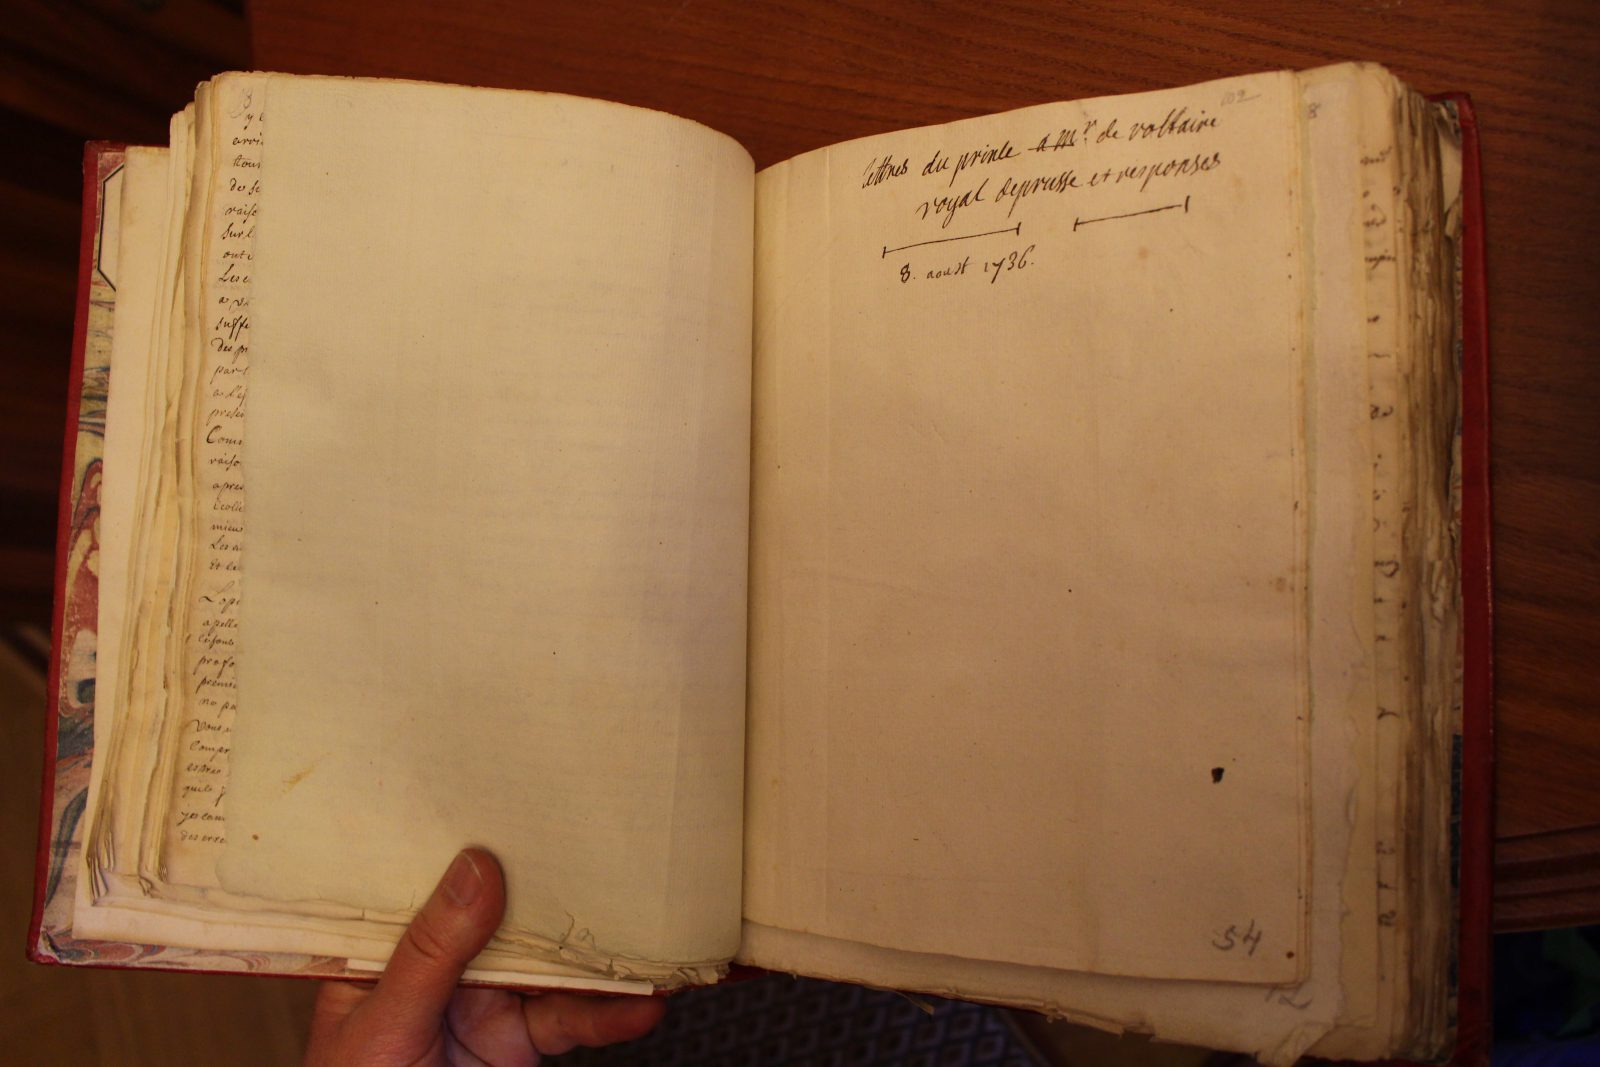 Saint-petersbourg Bibliothèque de Voltaire écriture de Voltaire